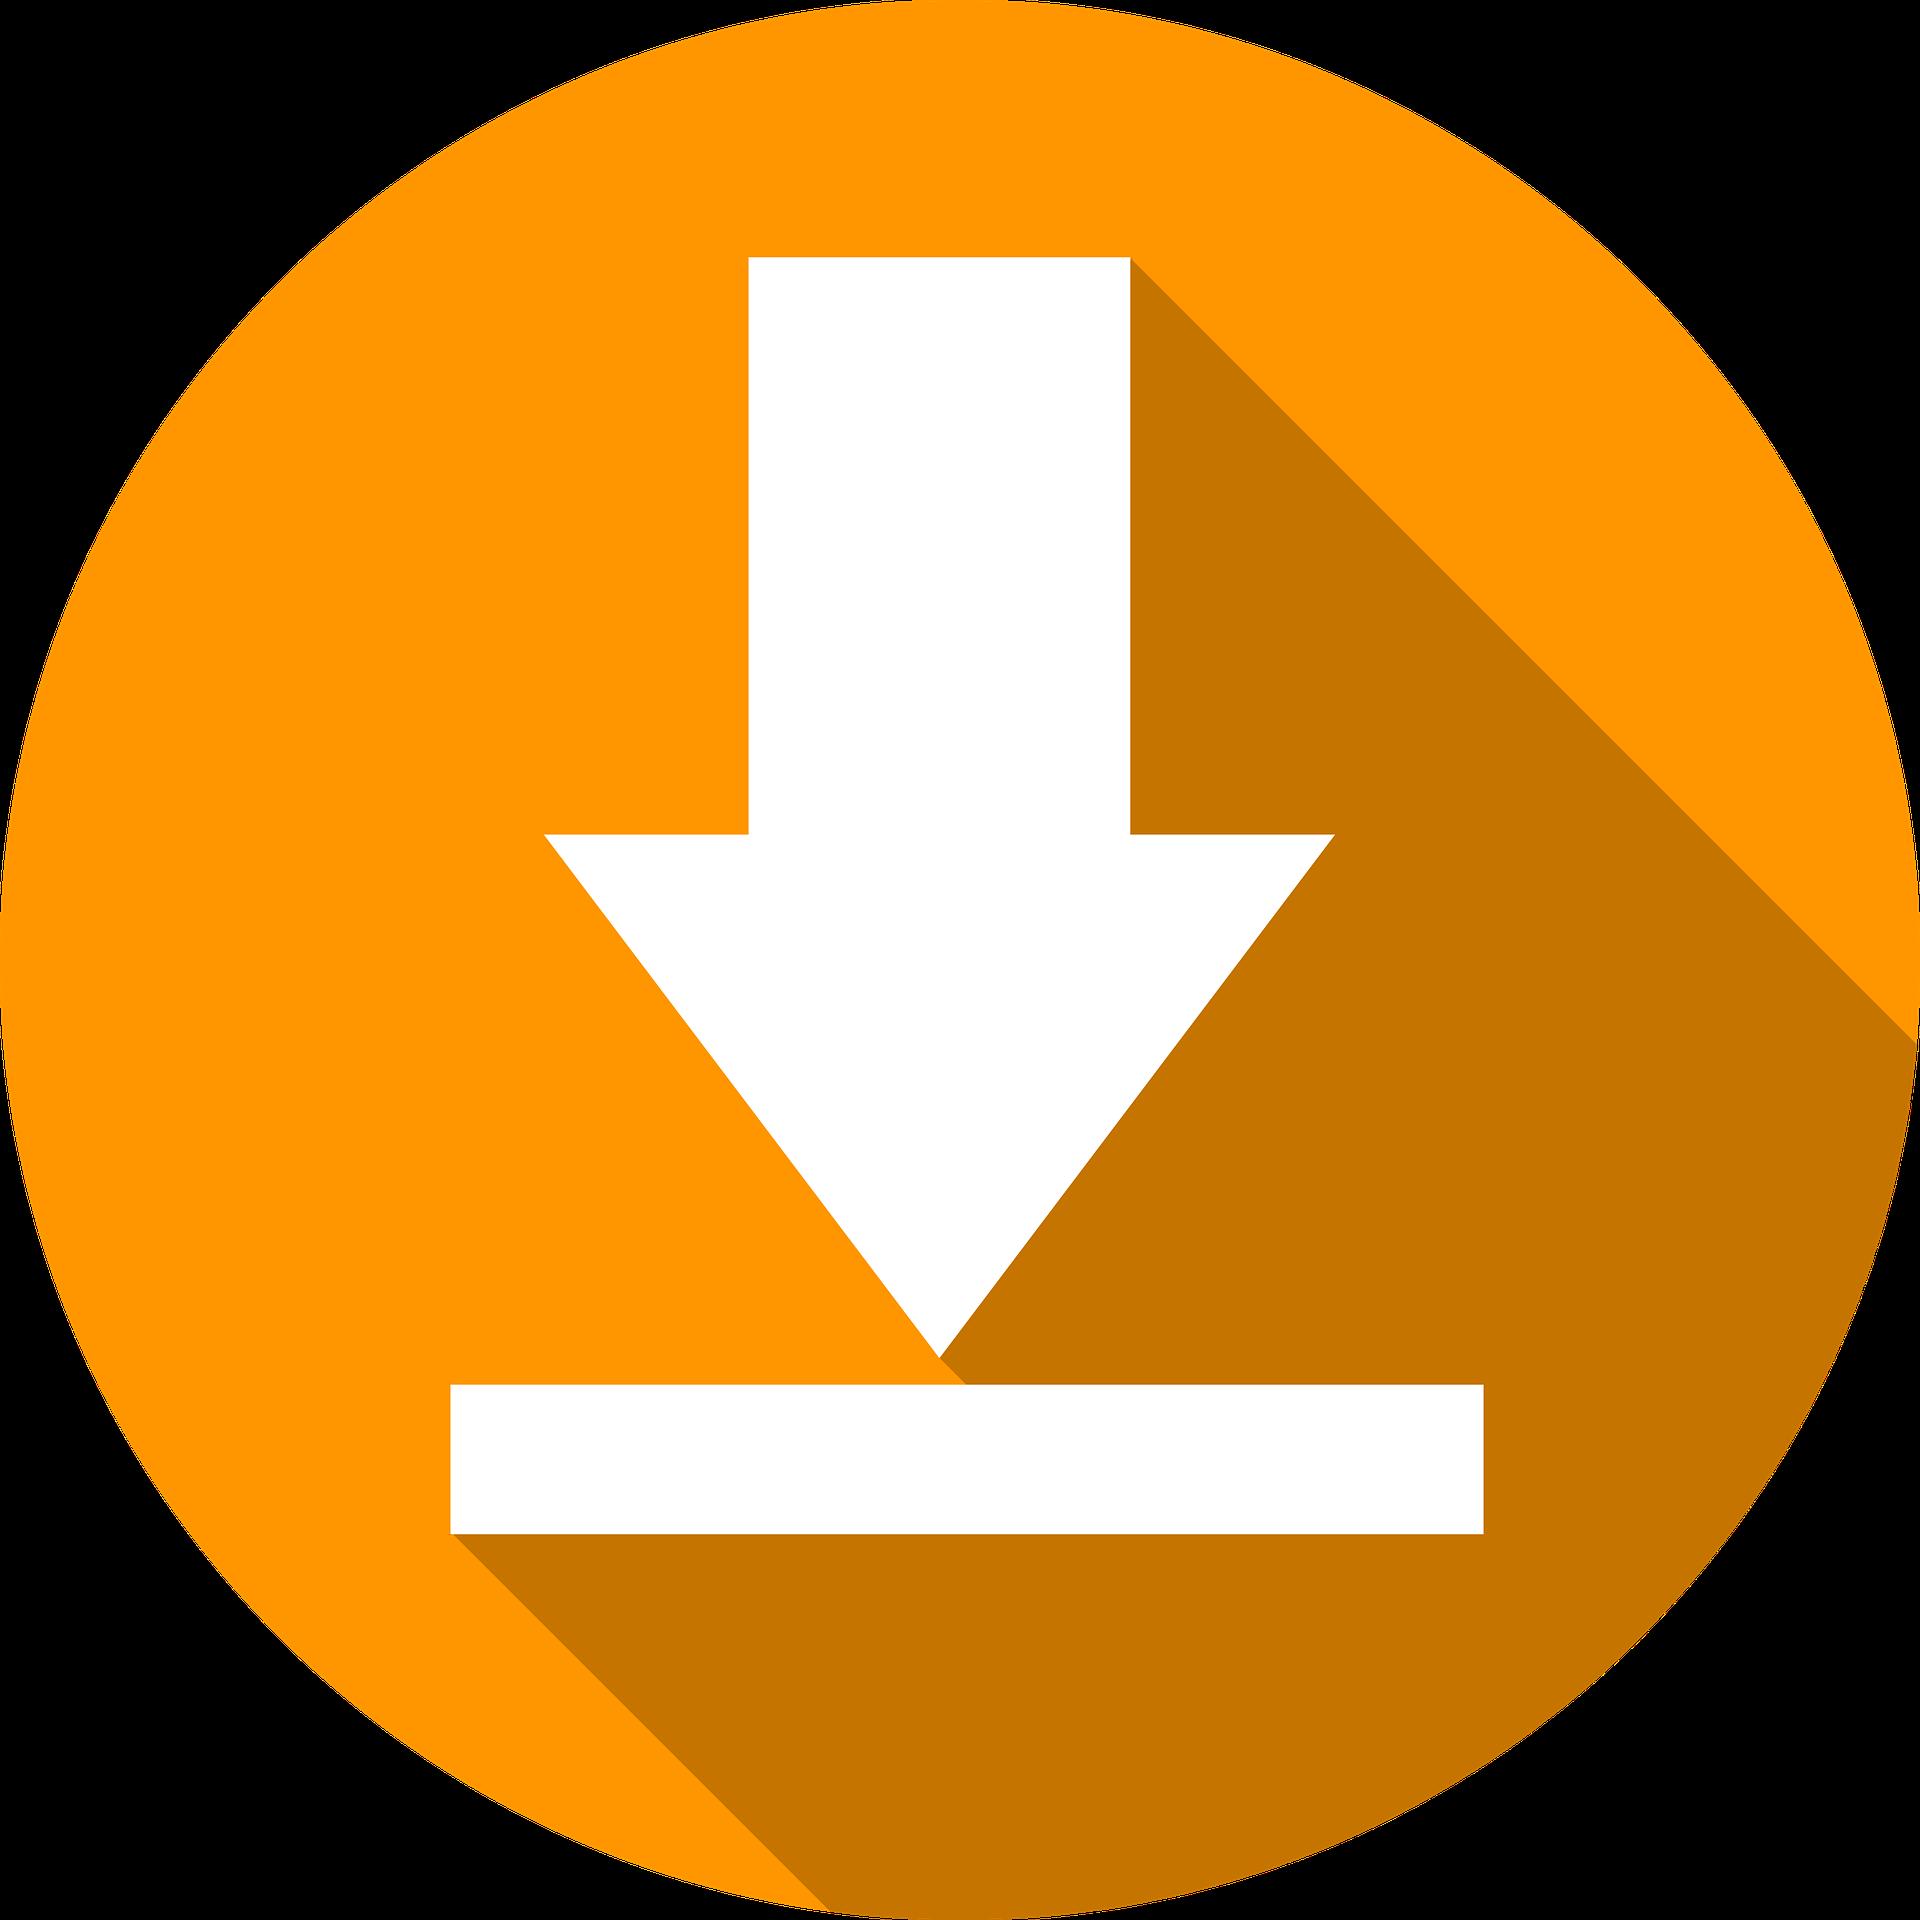 m3u-Datei